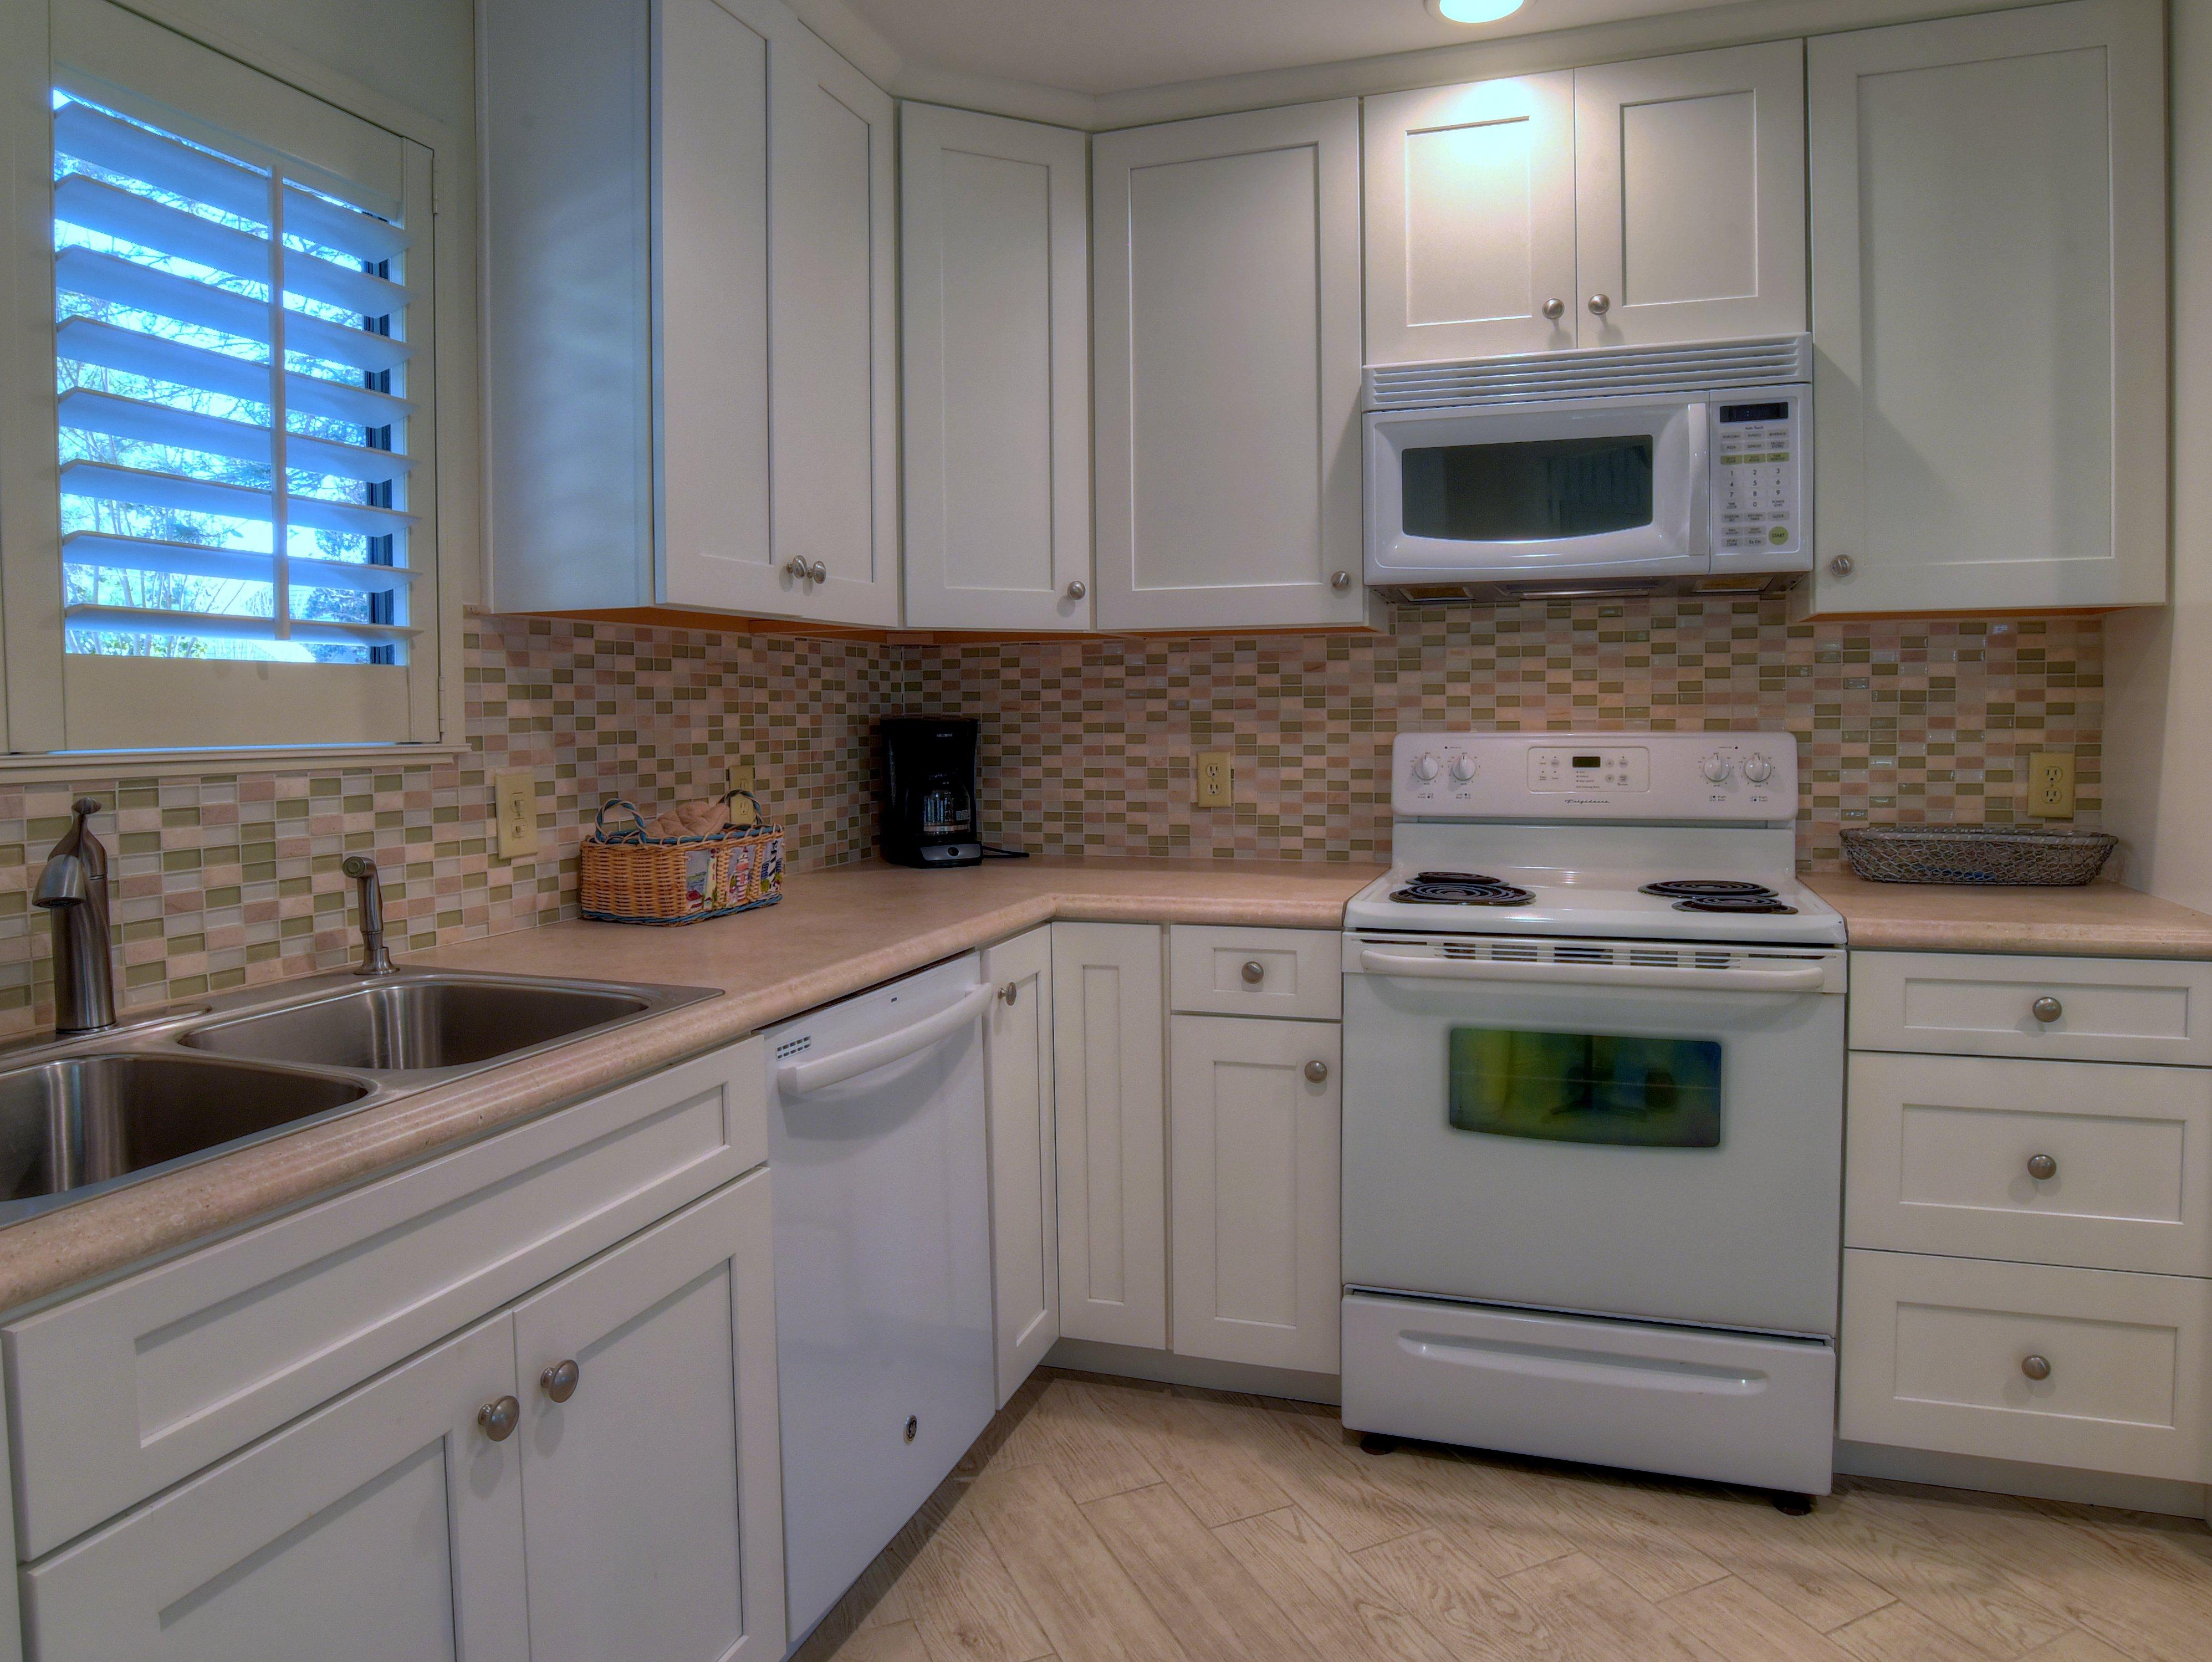 205 Fairways Condo rental in Sandestin Rentals ~ Cottages and Villas  in Destin Florida - #6